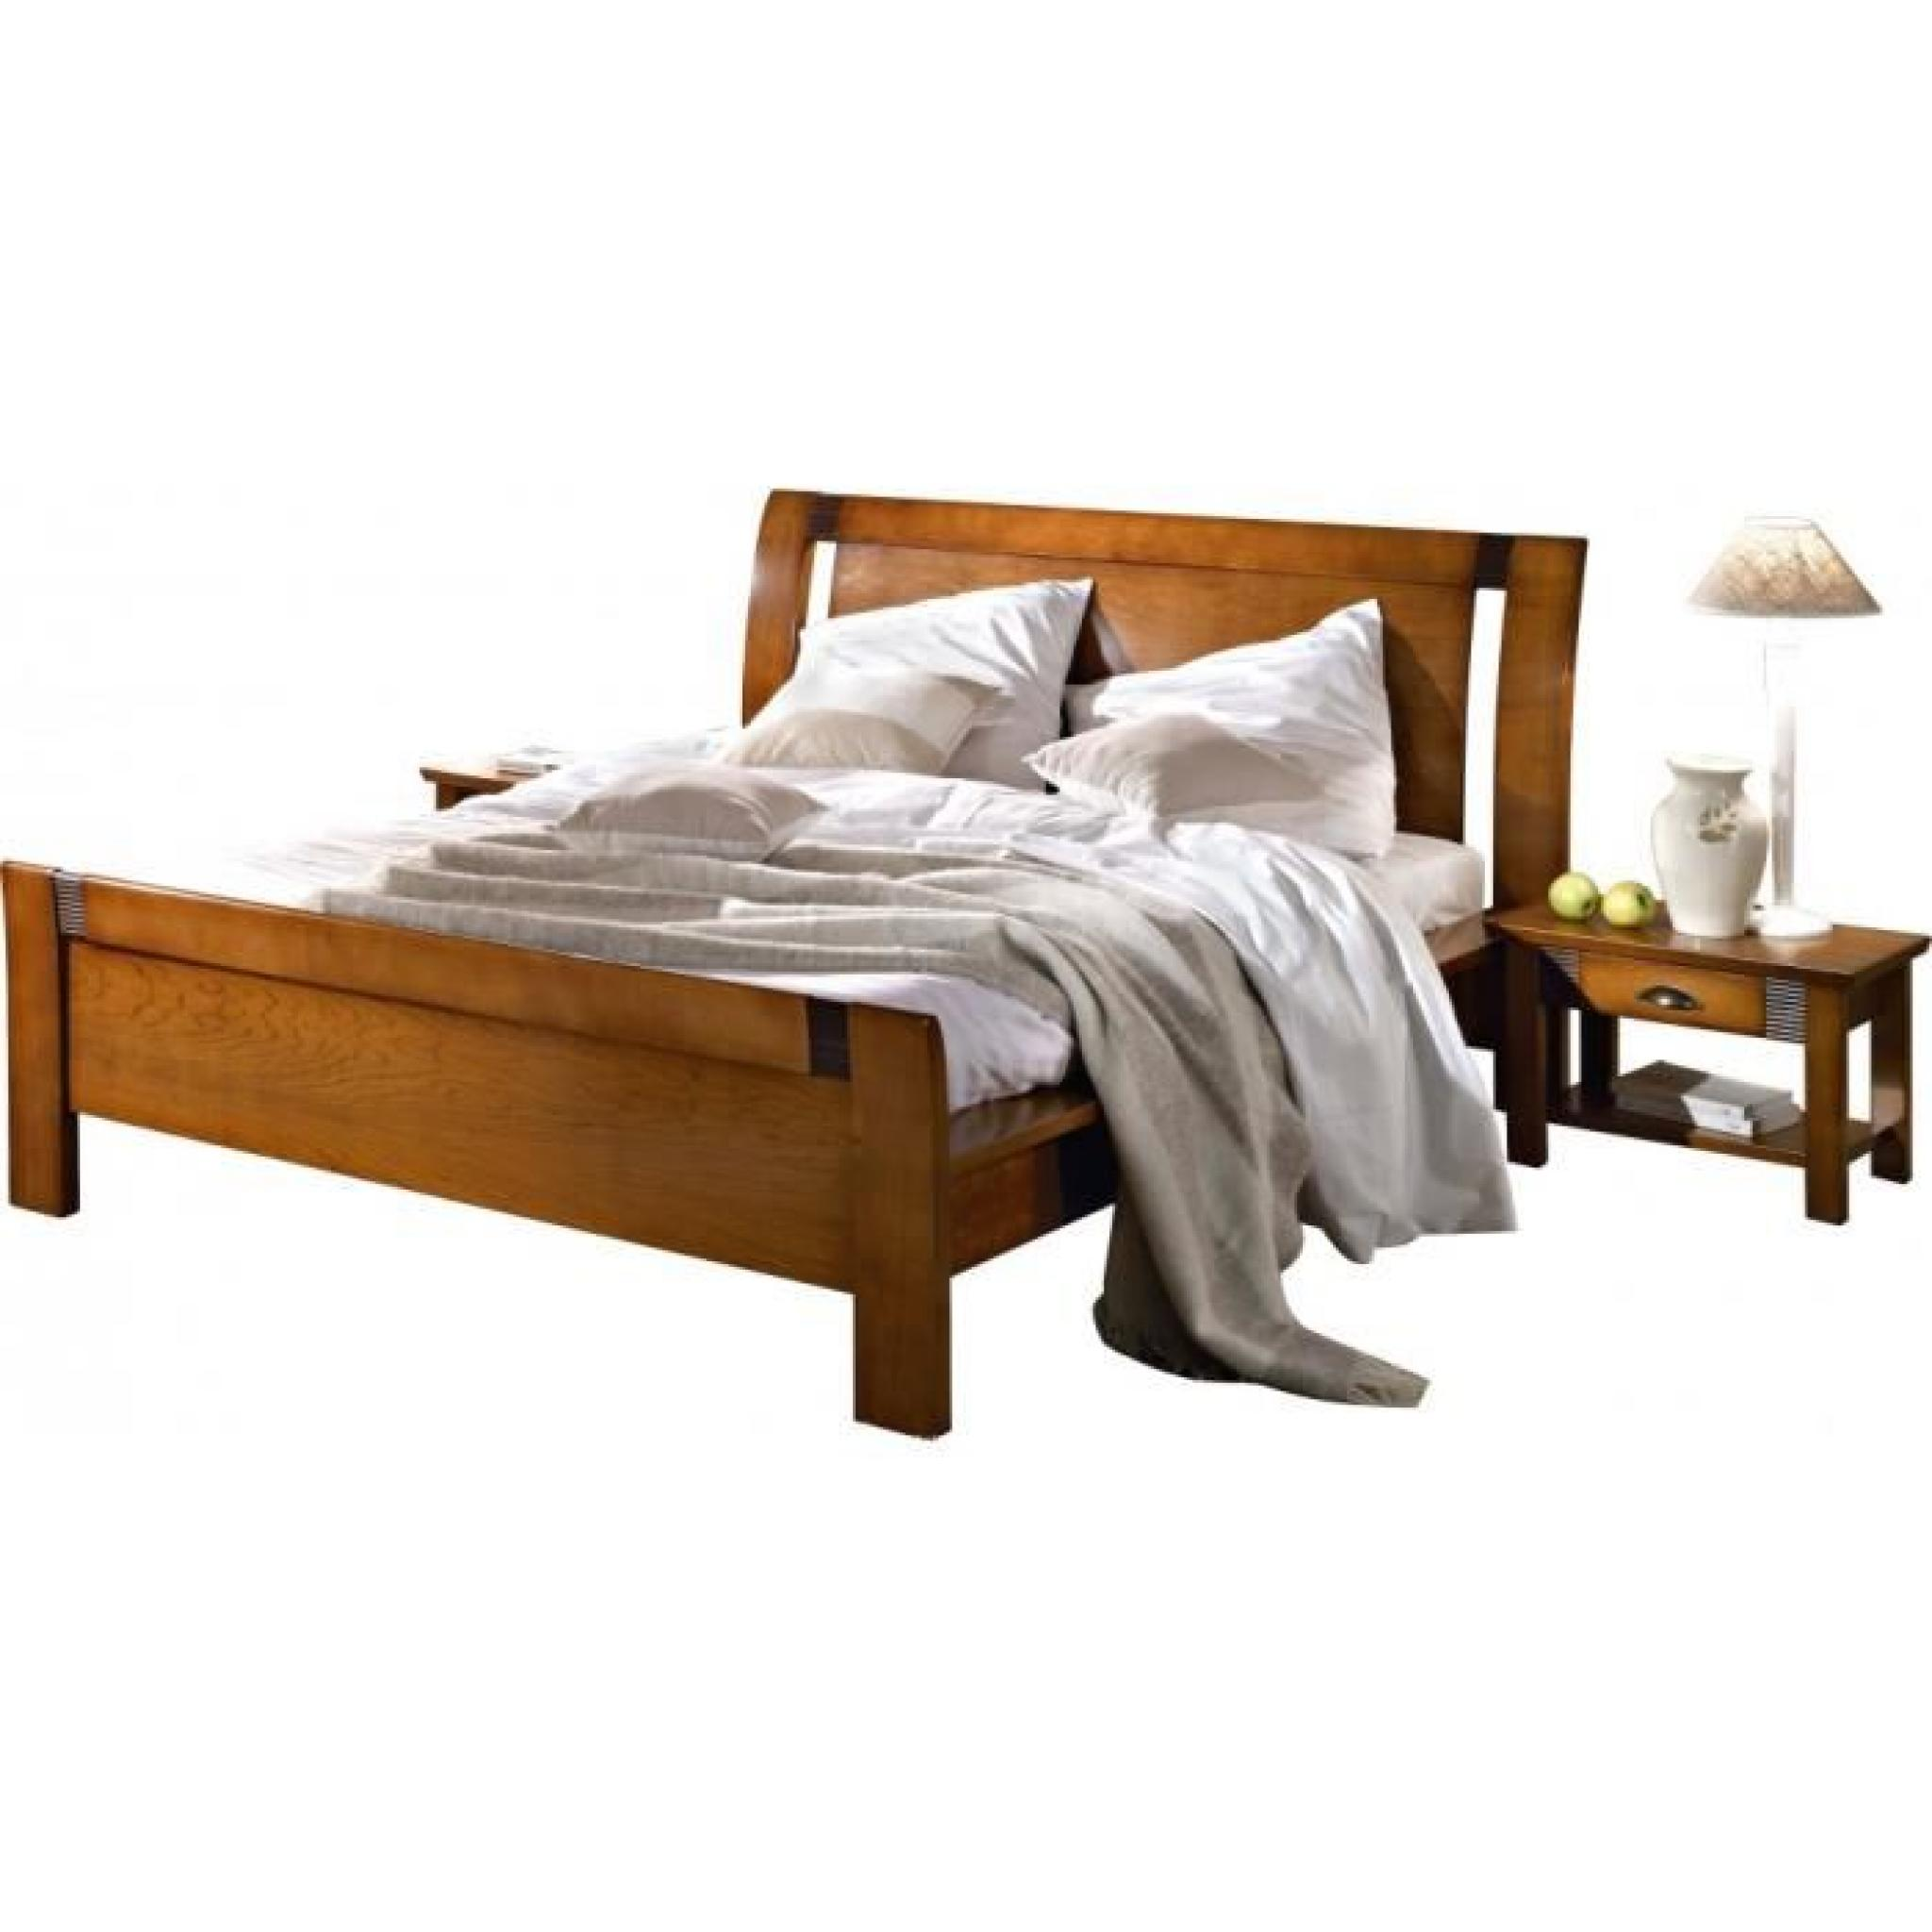 lit haut merisier 180 x 200 achat vente lit pas cher couleur et. Black Bedroom Furniture Sets. Home Design Ideas